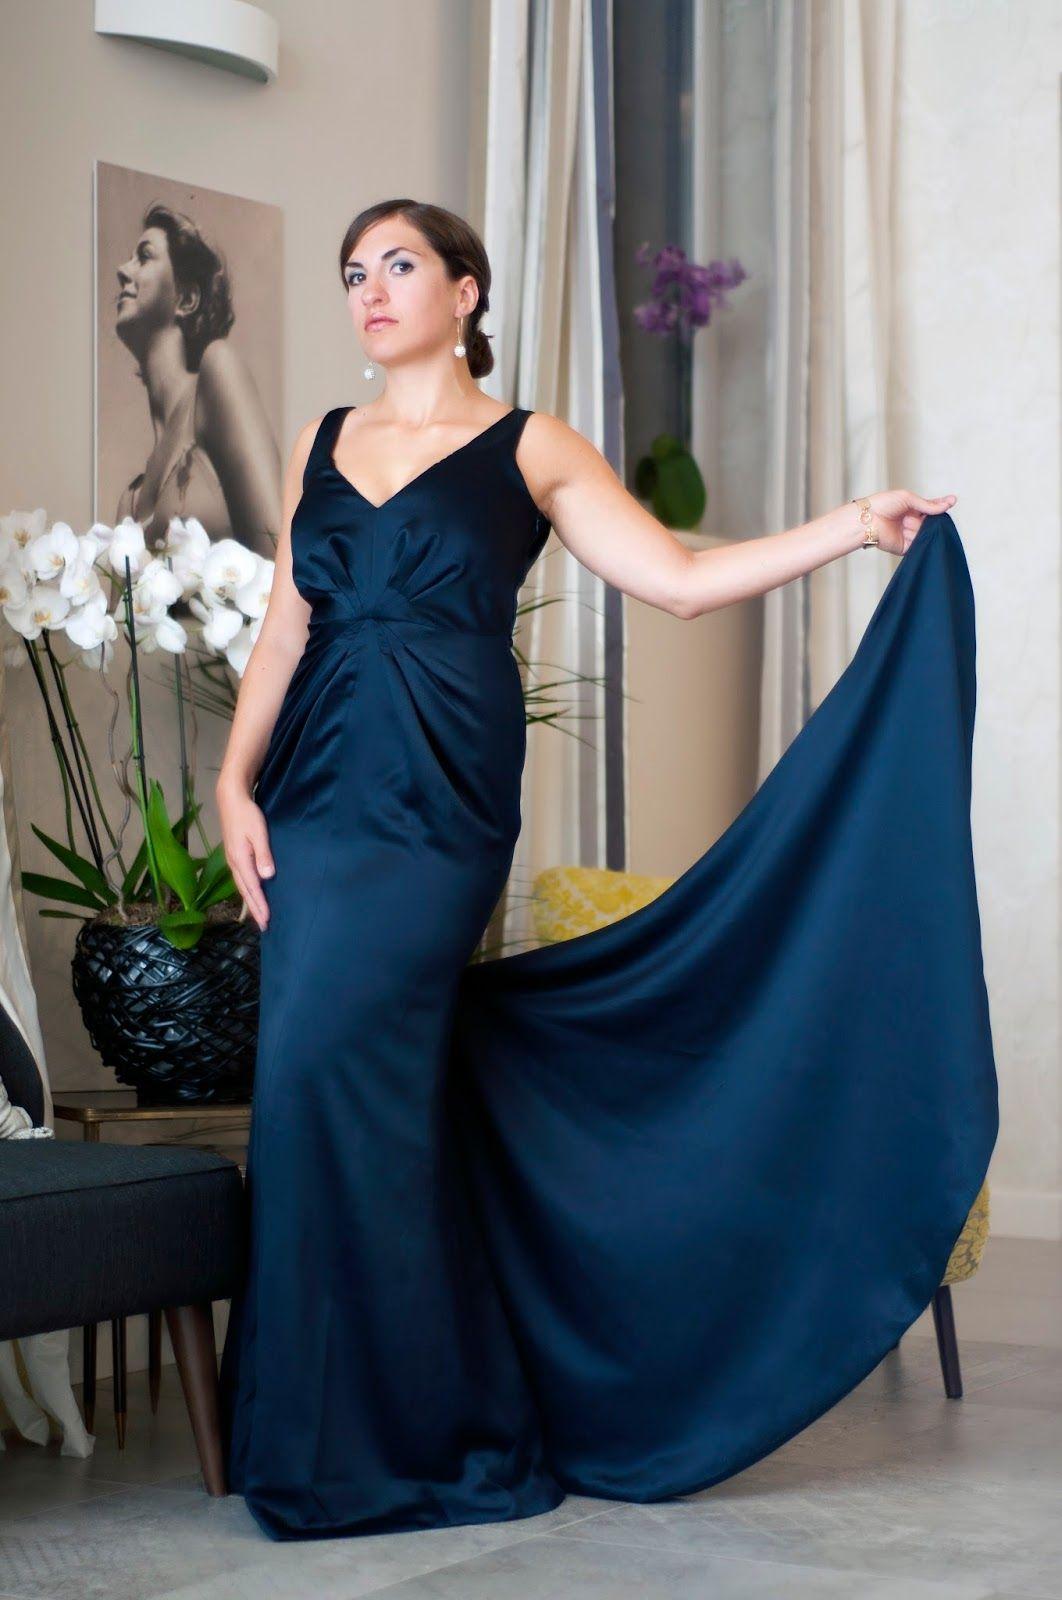 Schnittmuster Abendkleid - Burda Style #124 Nov. 2011 | My Sewing ...